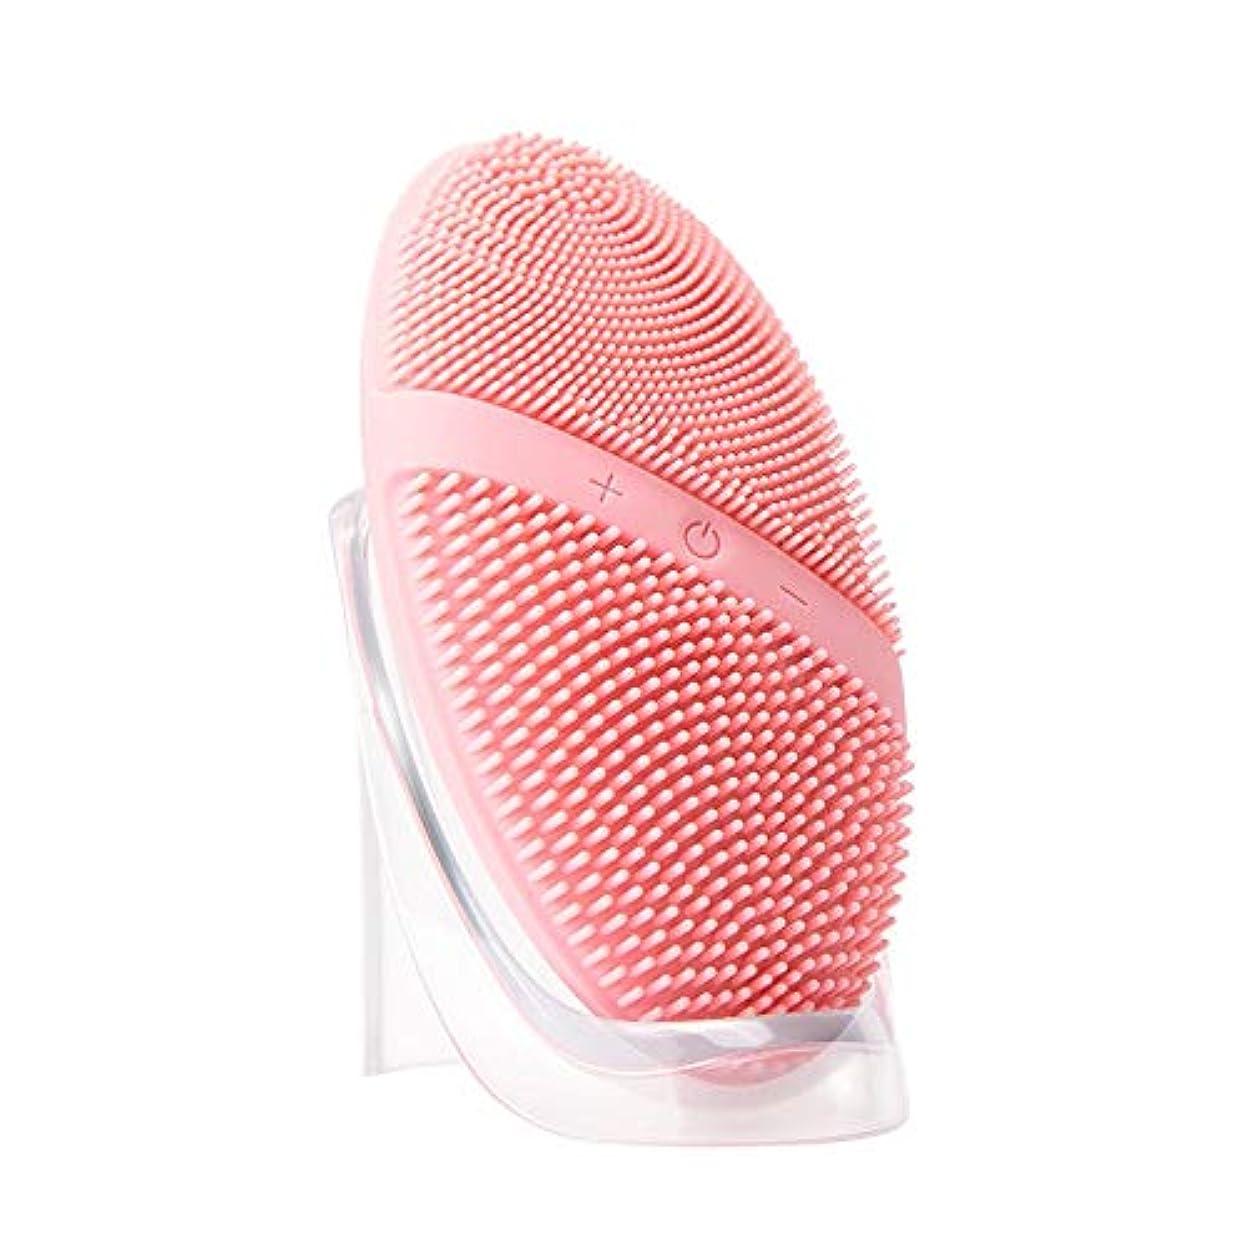 可能症状焦げZXF 新電気シリコーンクレンジングブラシ防水超音波振動クレンジング楽器深い洗浄毛穴洗浄器具マッサージ器具美容器具 滑らかである